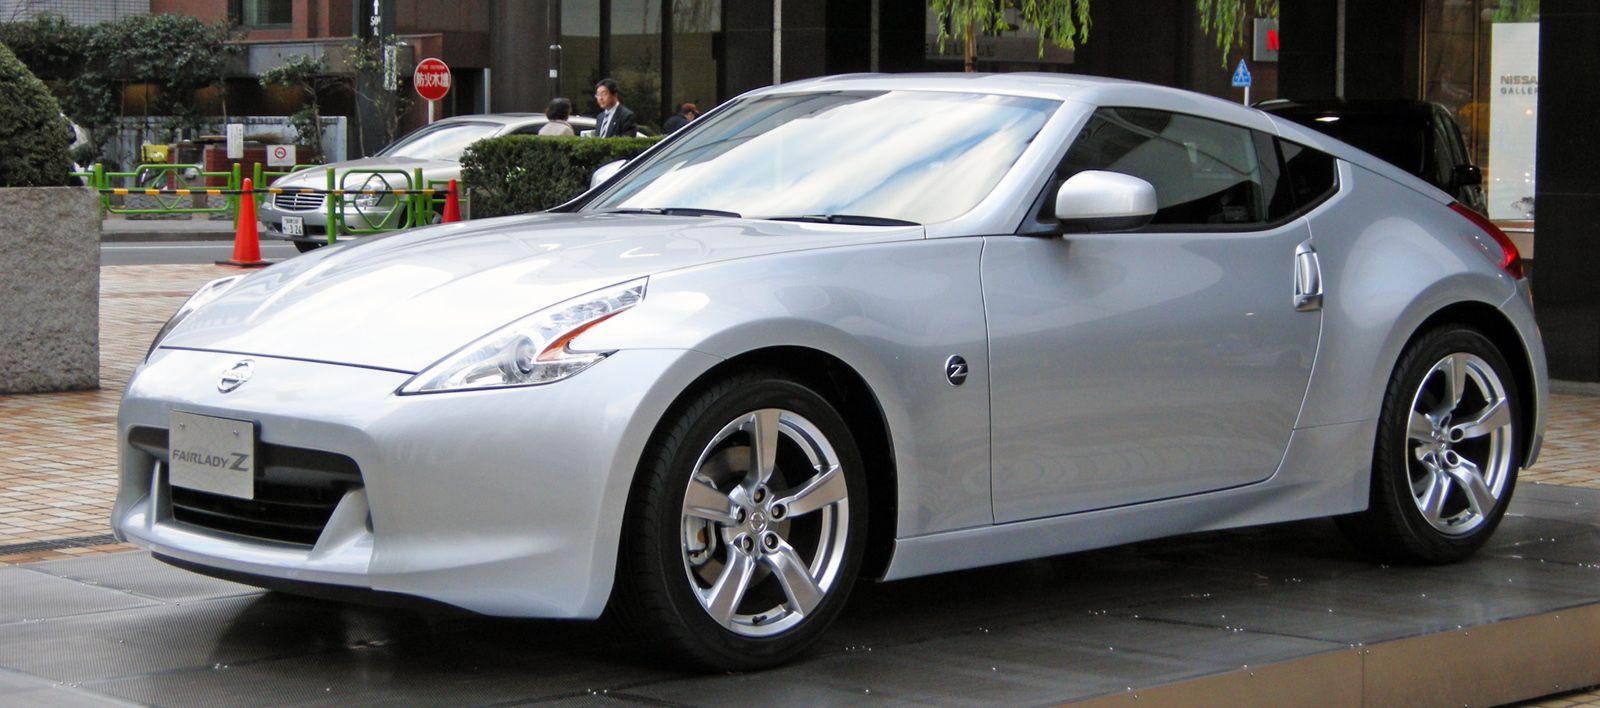 Nissan 370Z - Wikipedia, the free encyclopedia   Kellen\'s dream cars ...